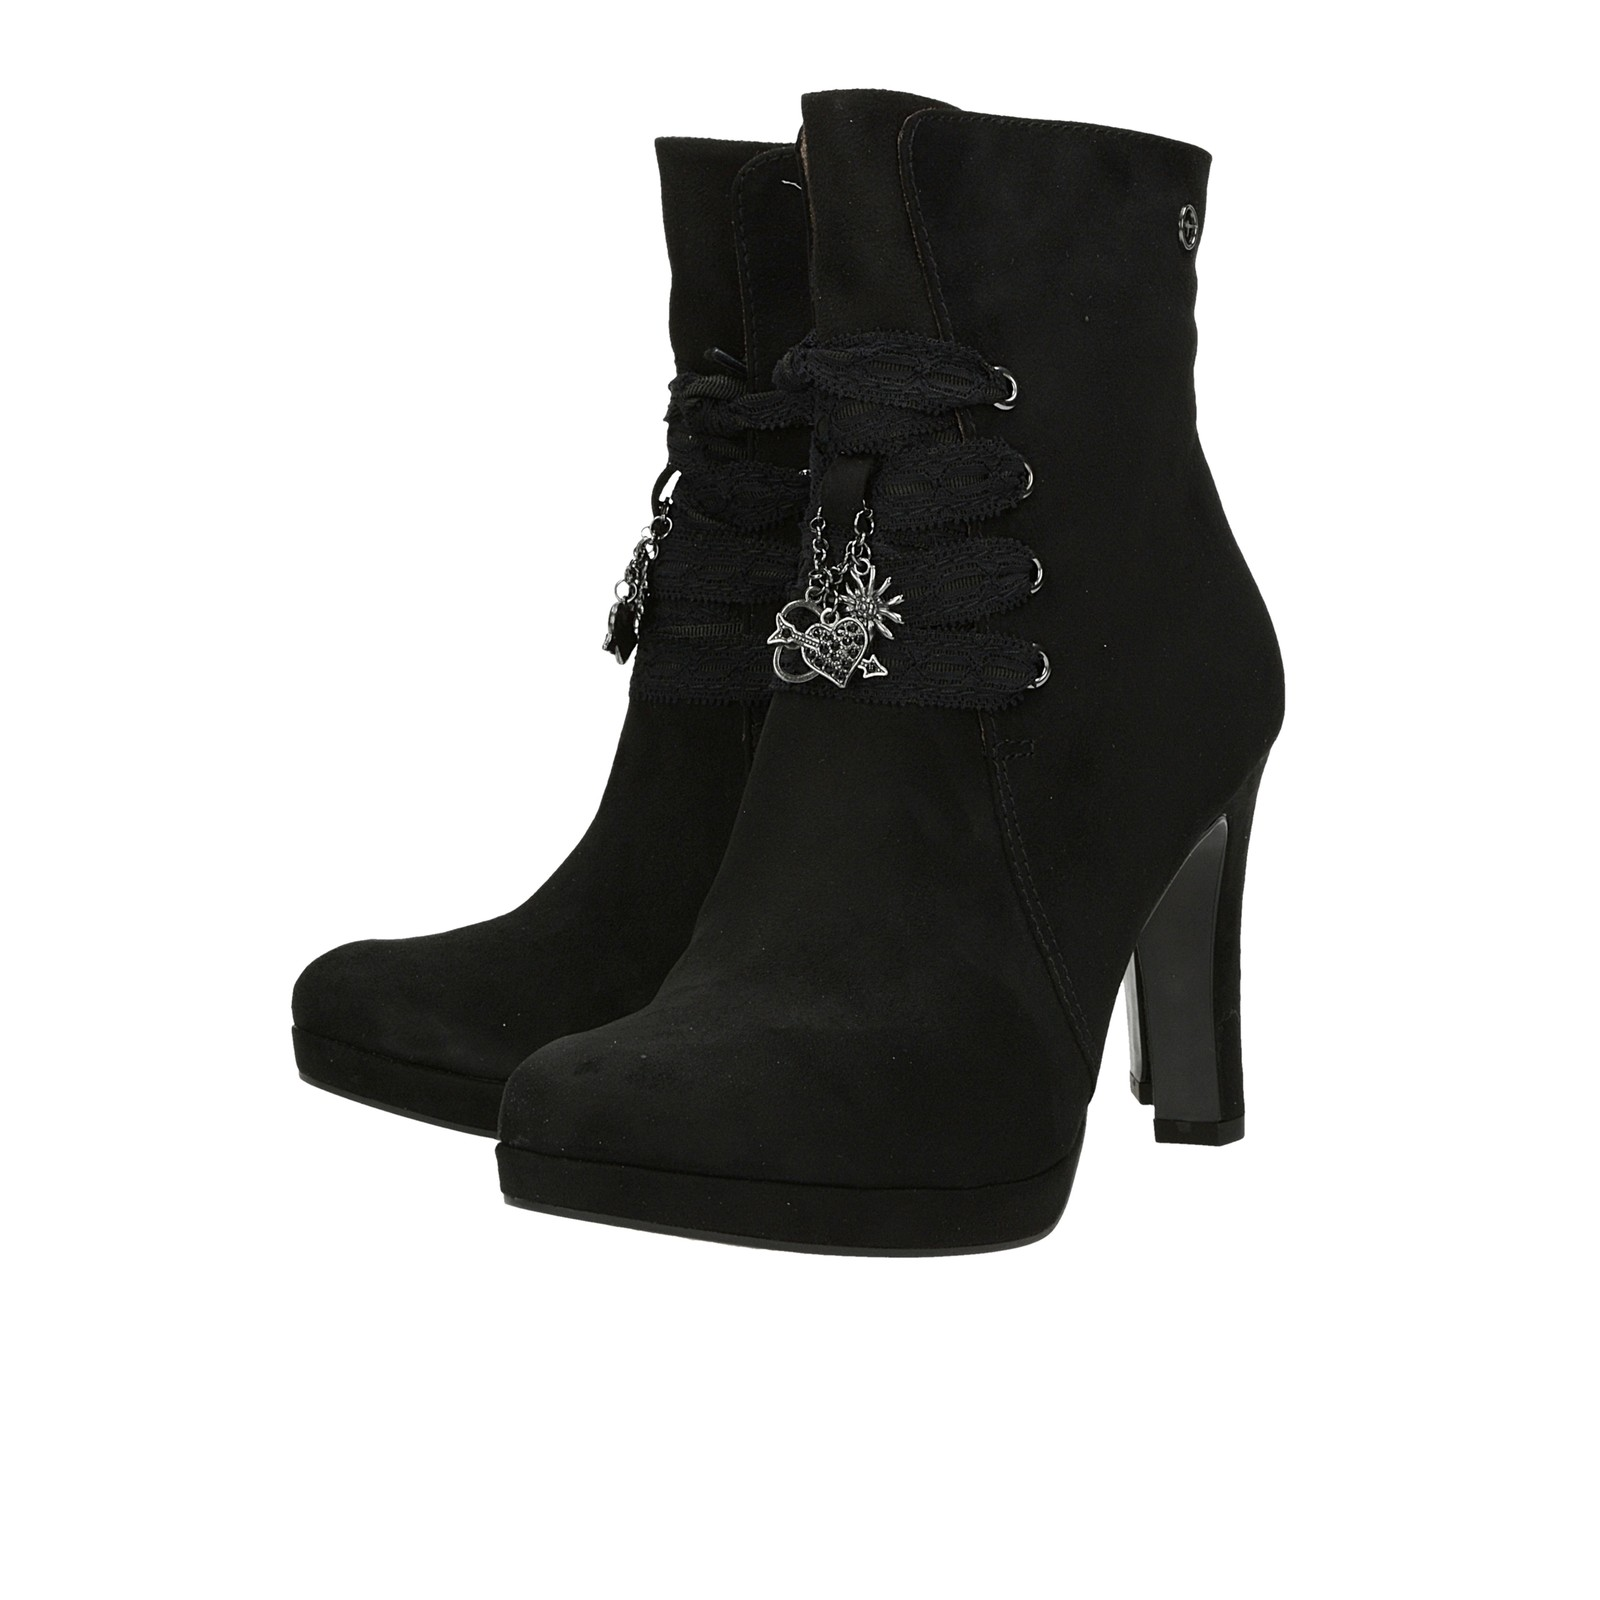 ... Tamaris dámské kotníkové boty na vysokém podpatku - černé ... b8da6e40e0